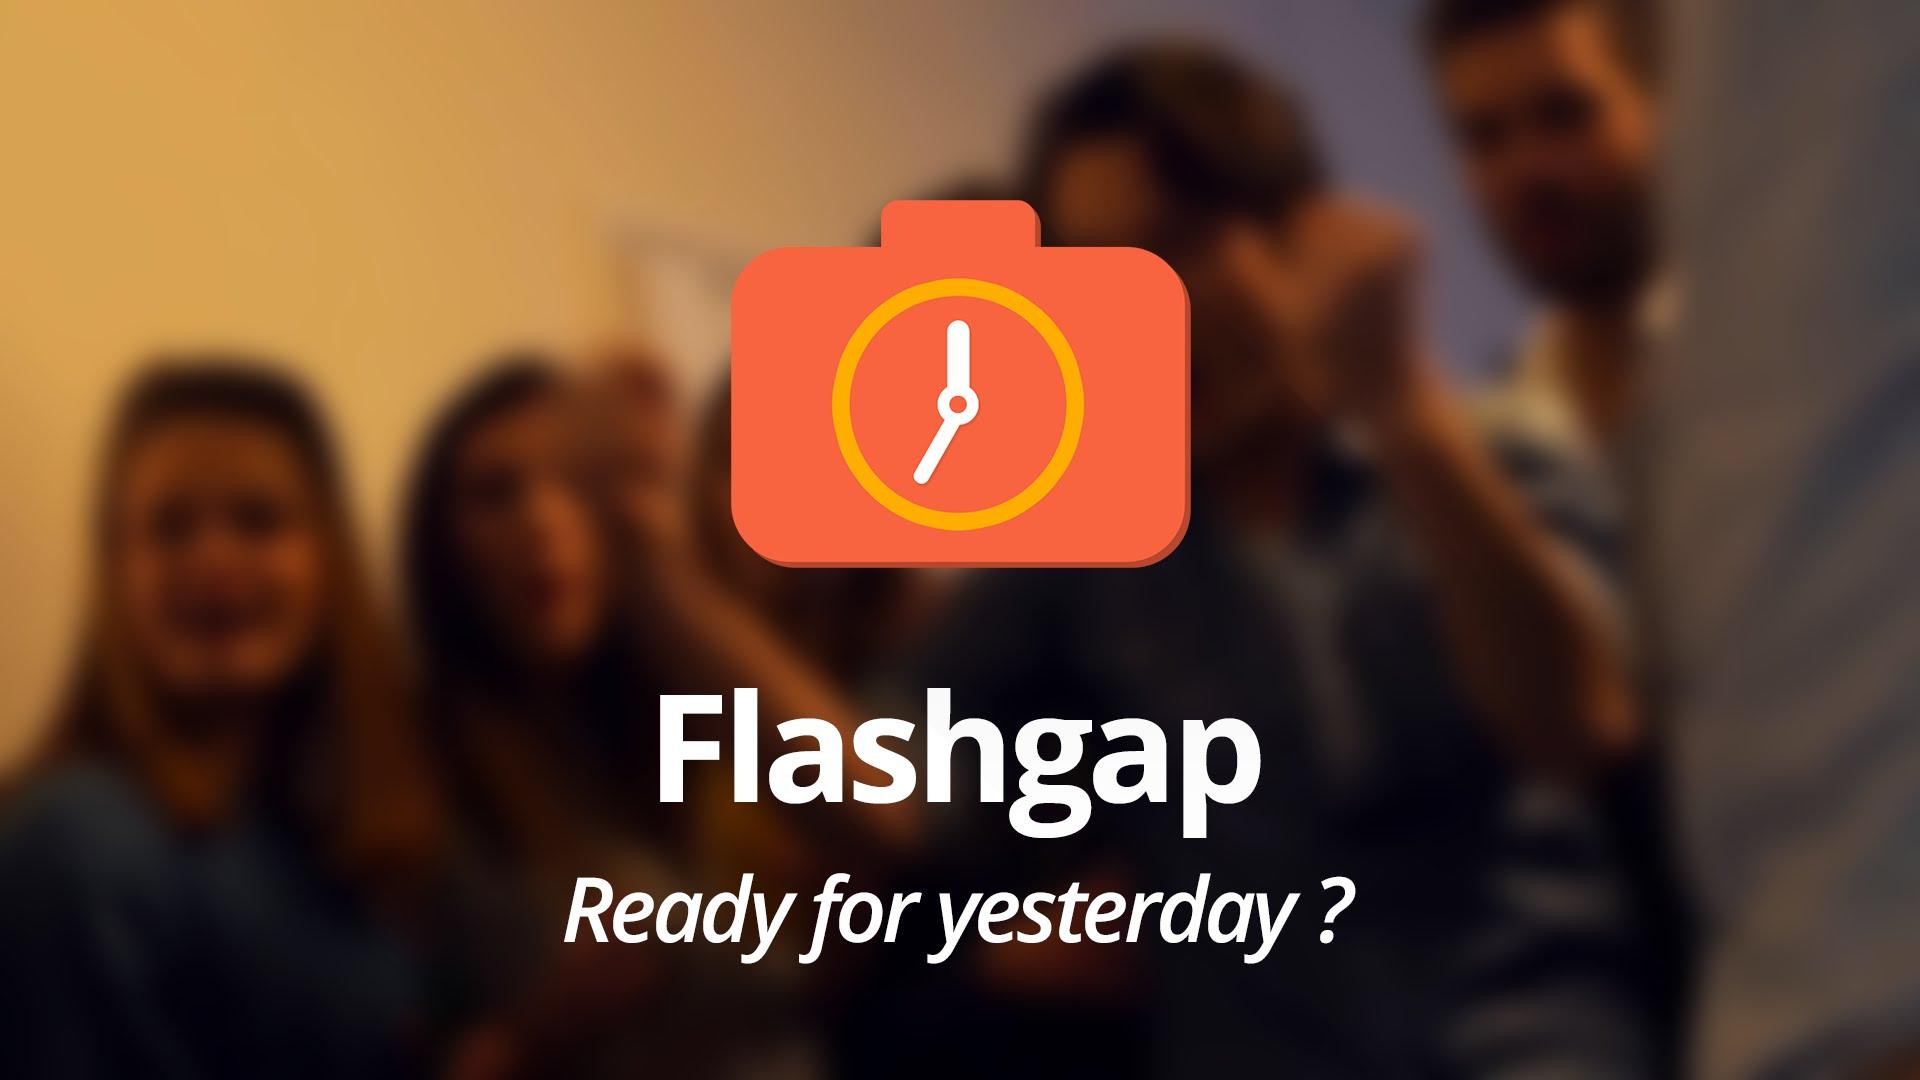 flashgap